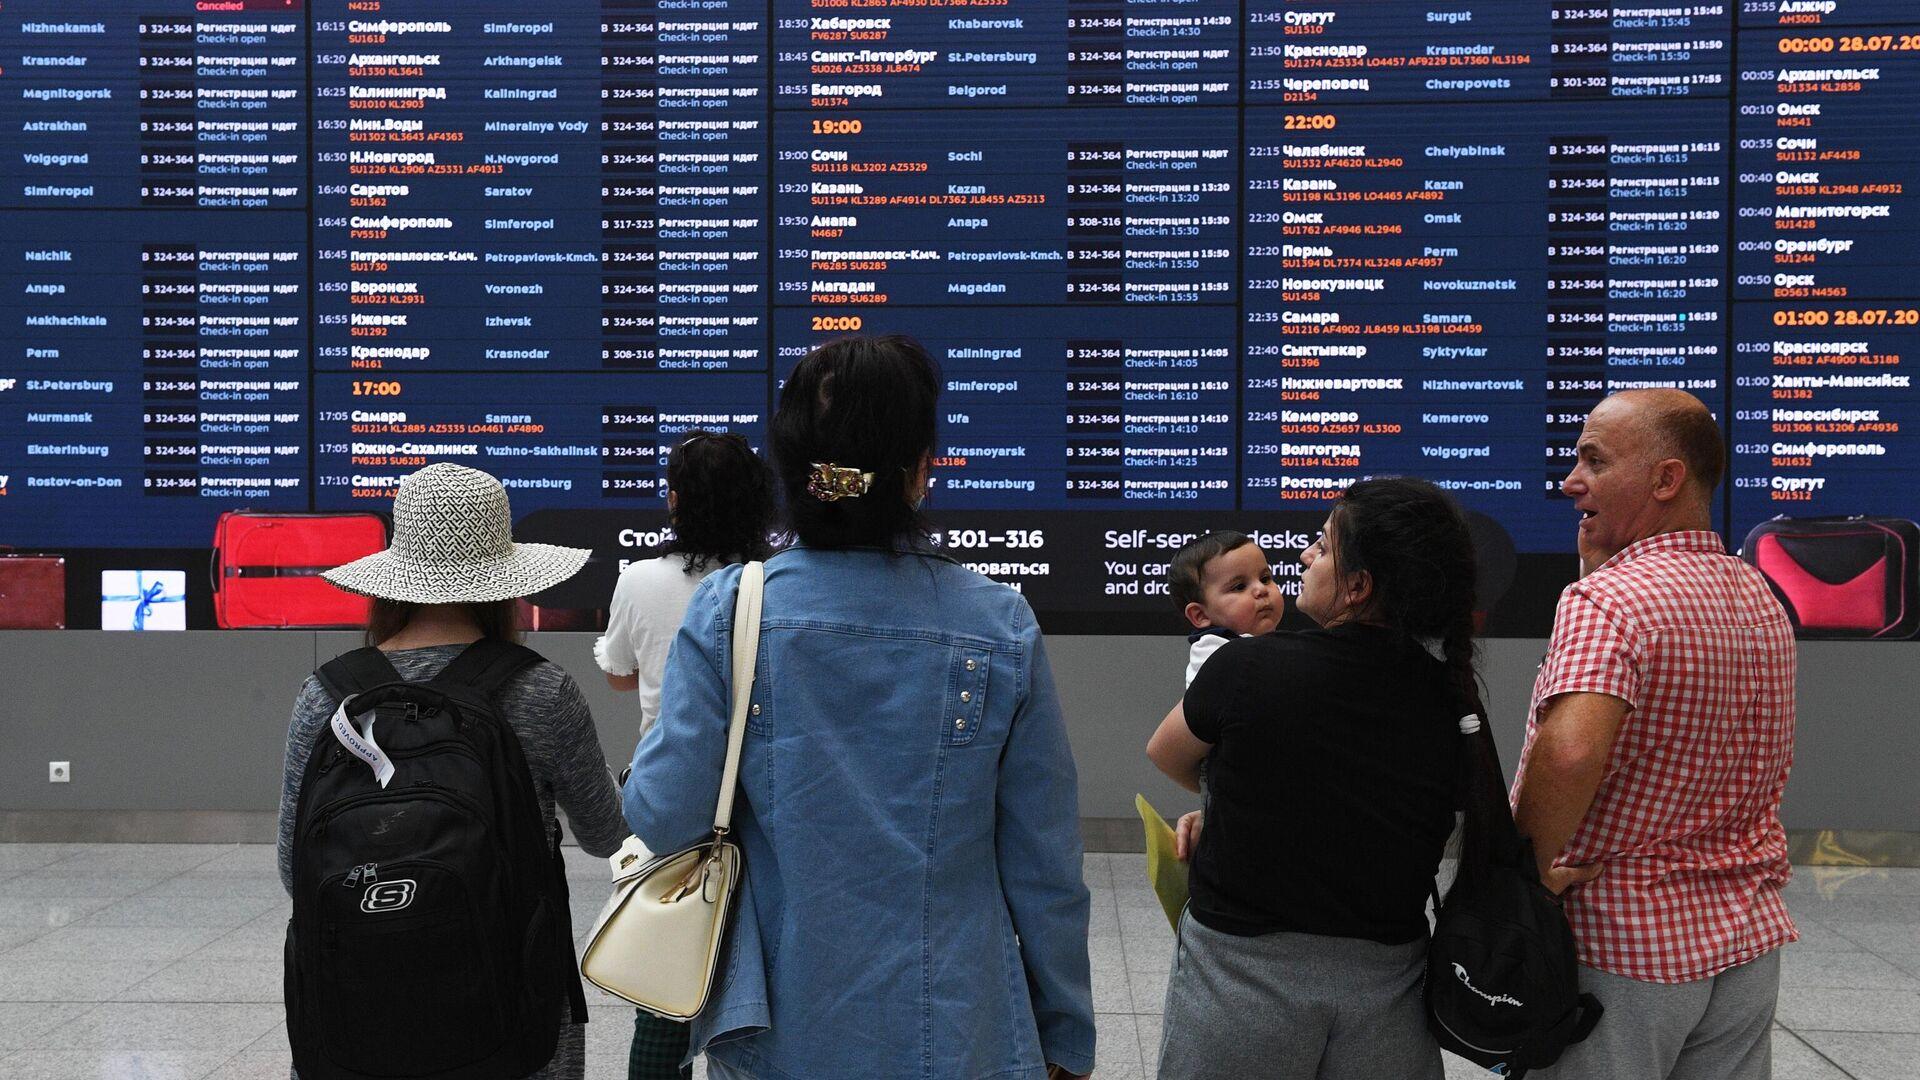 Пассажиры у электронного табло в терминале B аэропорта Шереметьево - РИА Новости, 1920, 09.10.2020